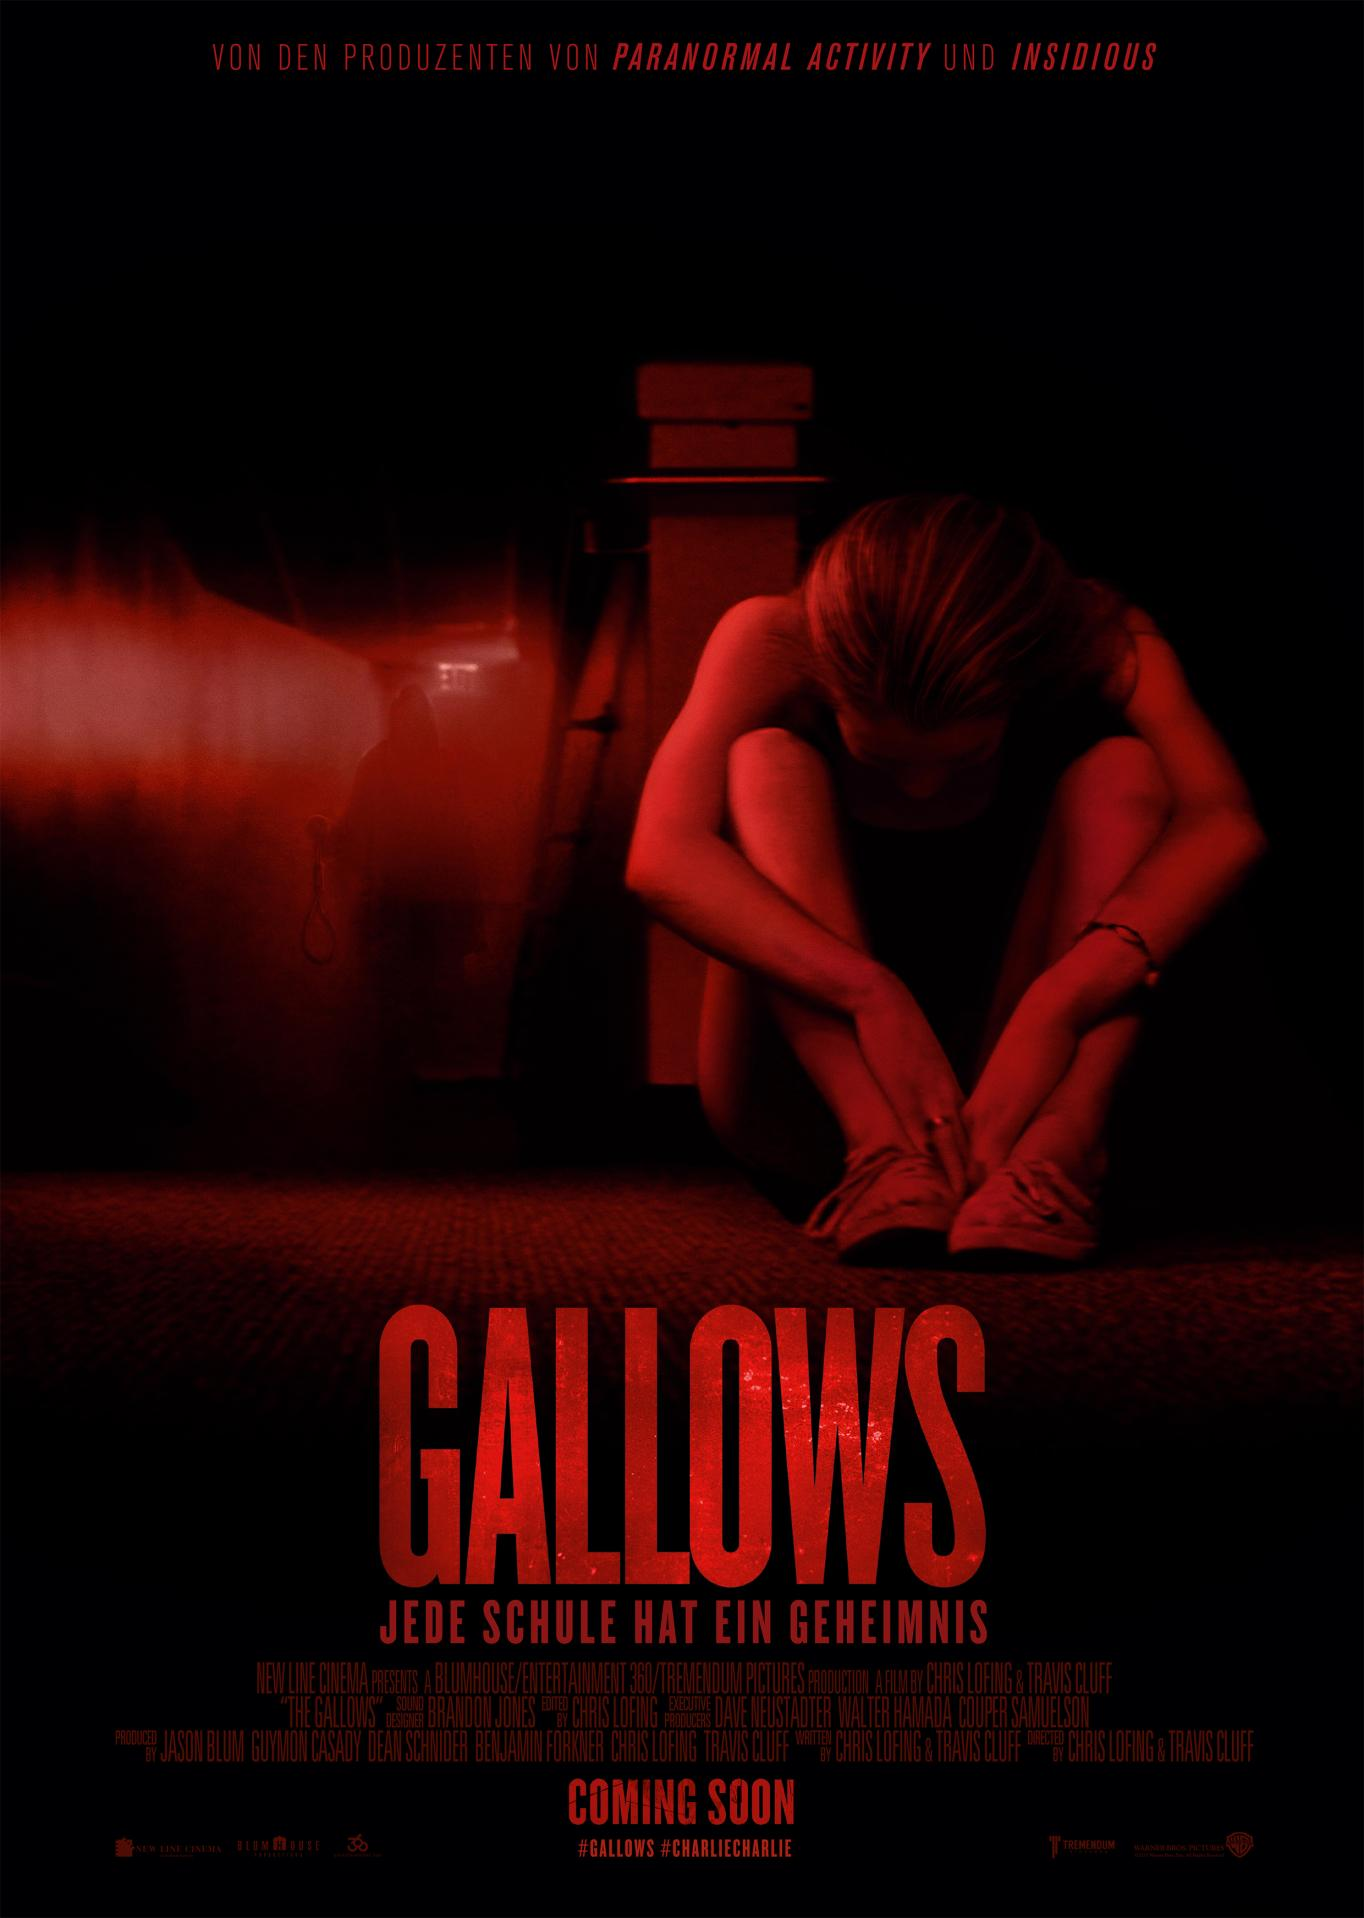 Gallows Jede Schule Hat Ein Geheimnis